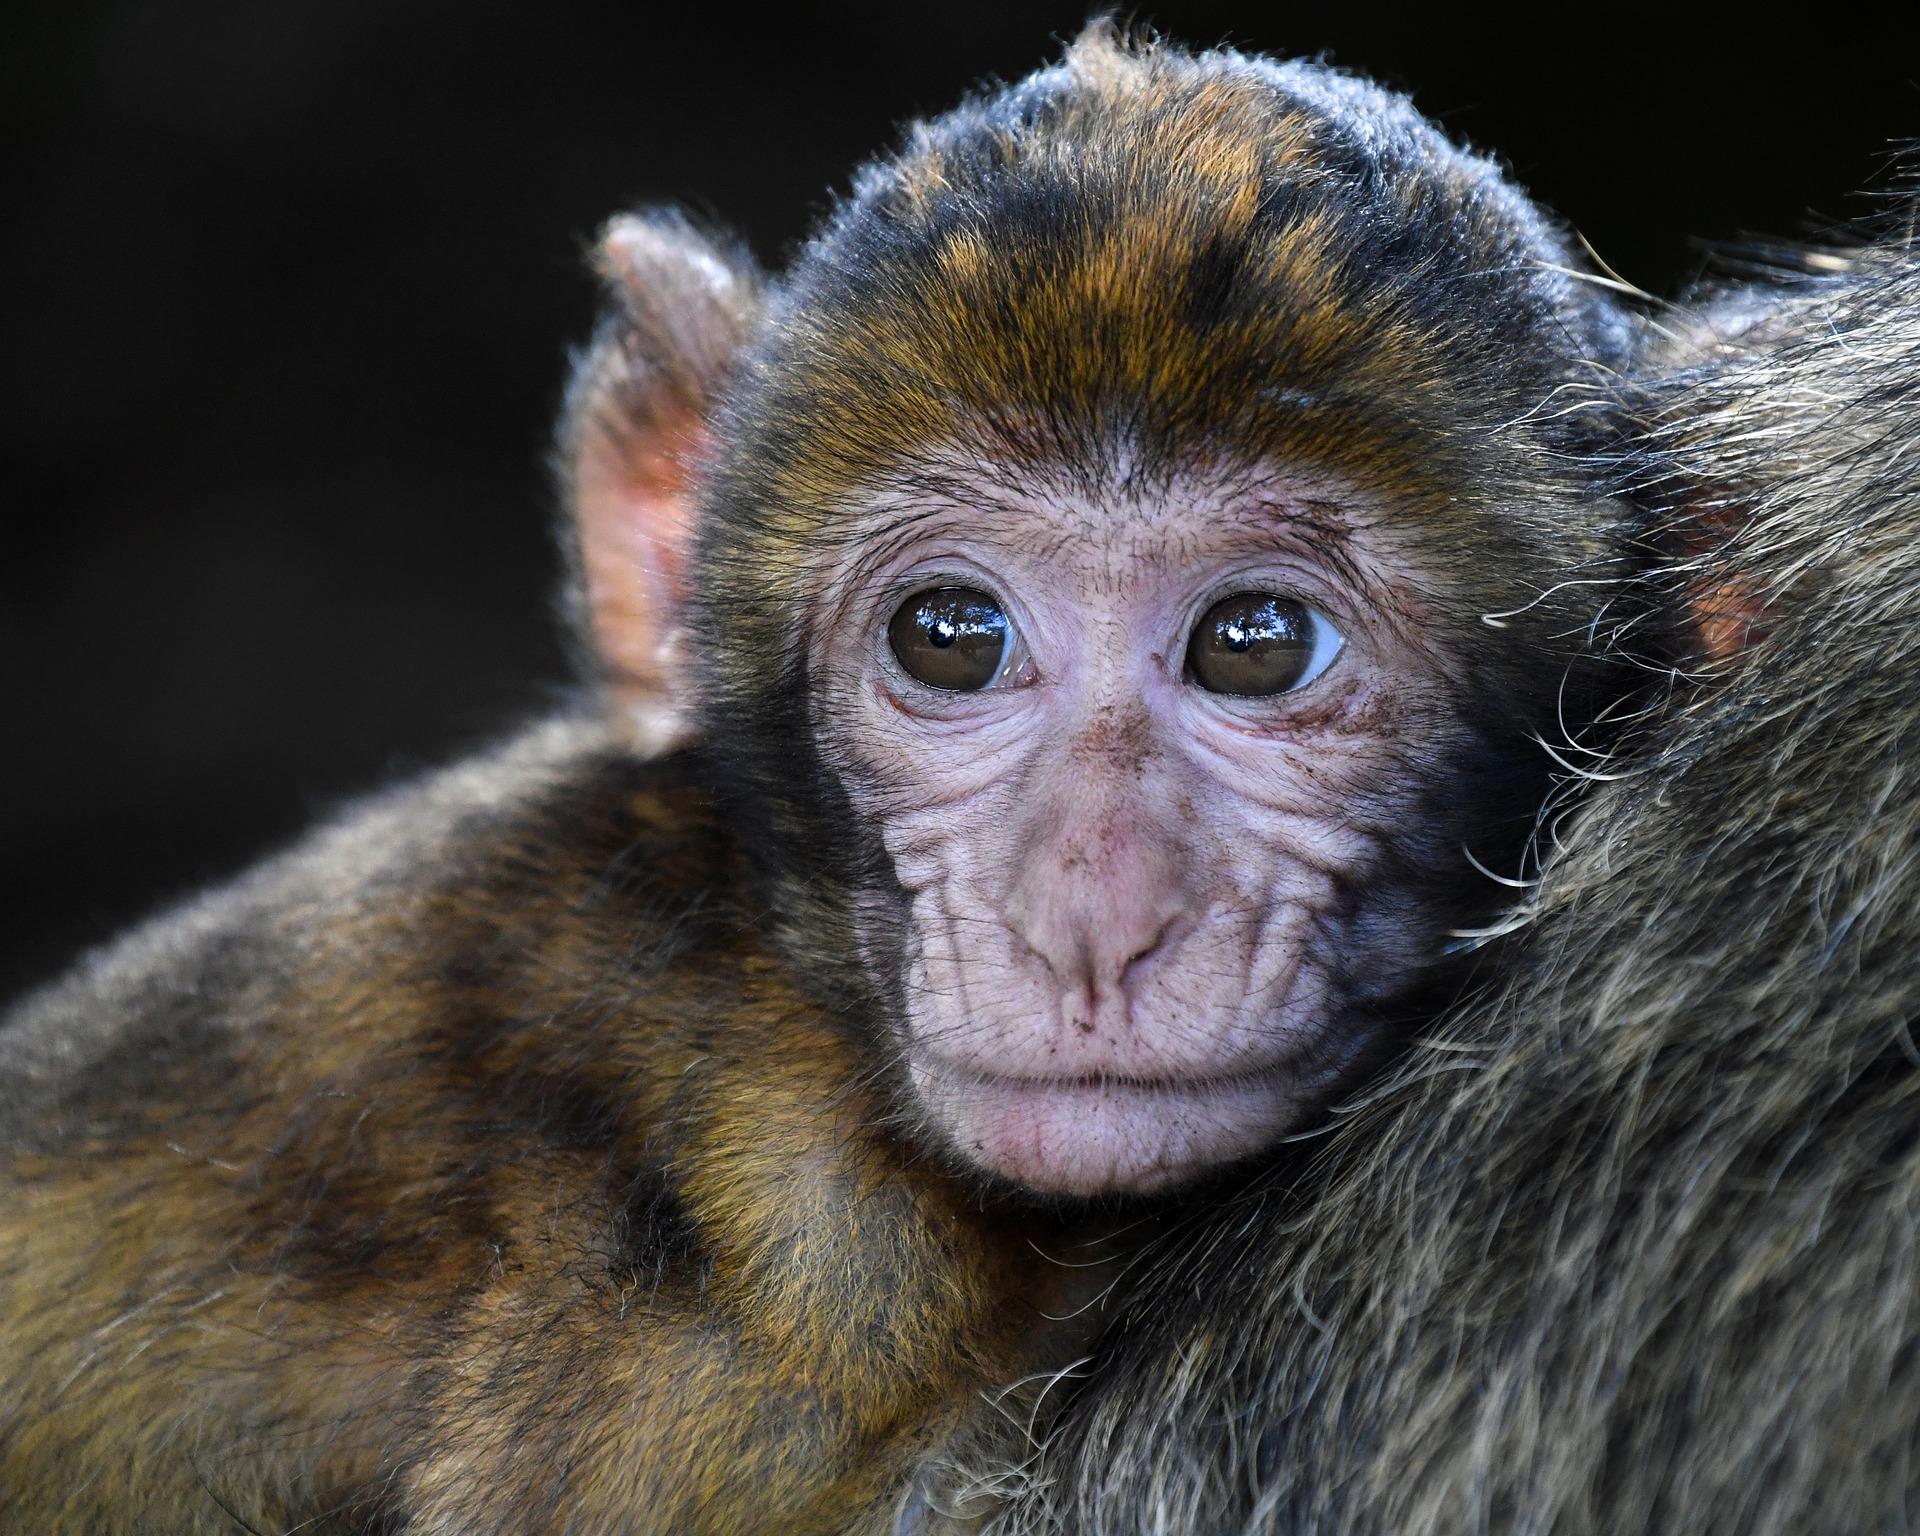 monkey-2790452_1920